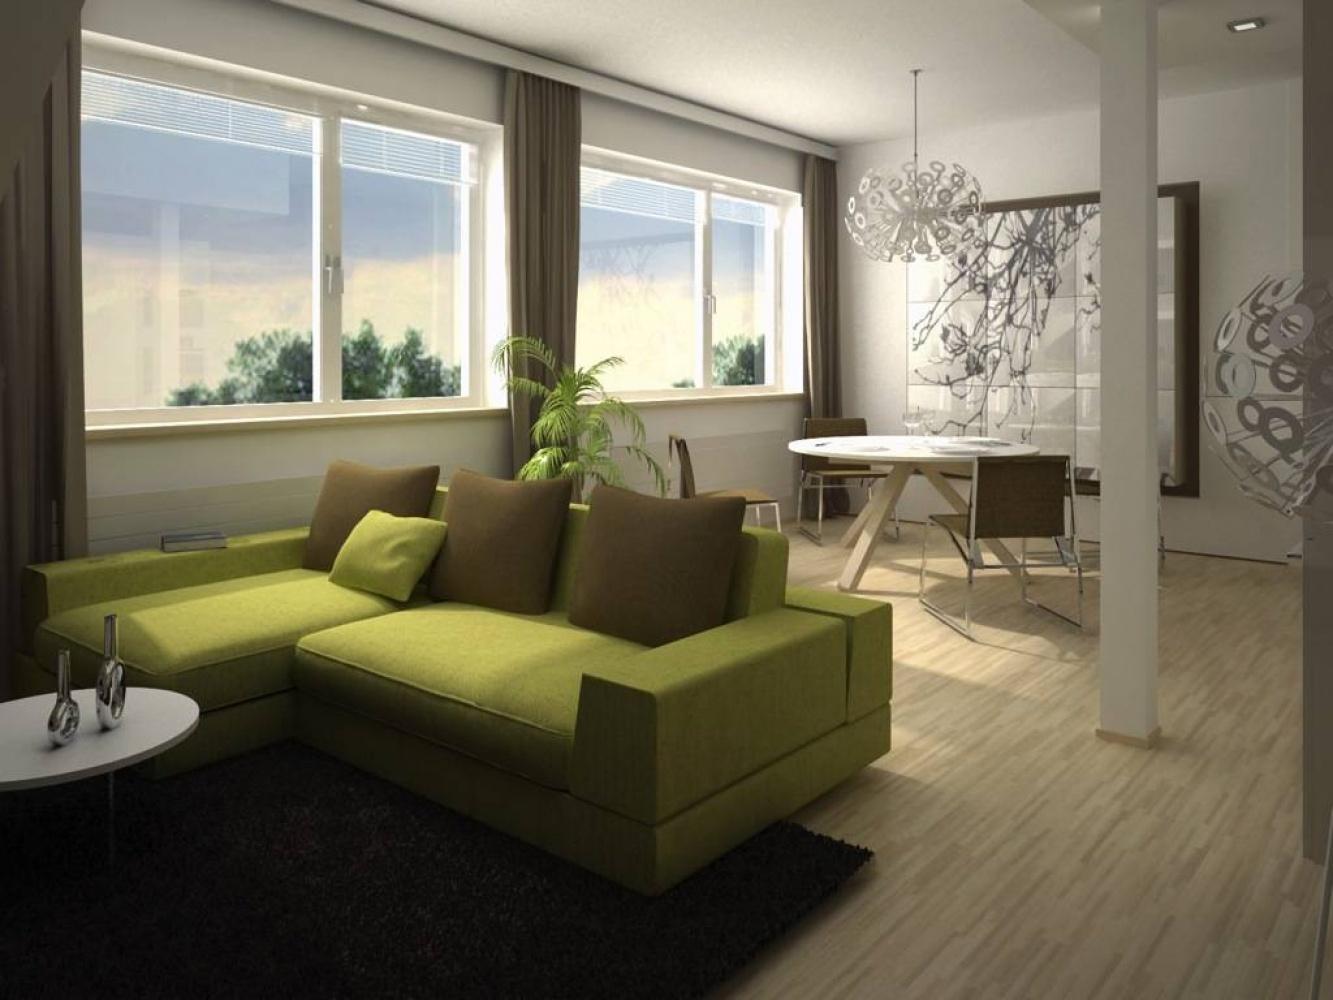 Půdní byt 3+kk, plocha 76 m², ulice U Vody, Praha 7 - Holešovice | 3